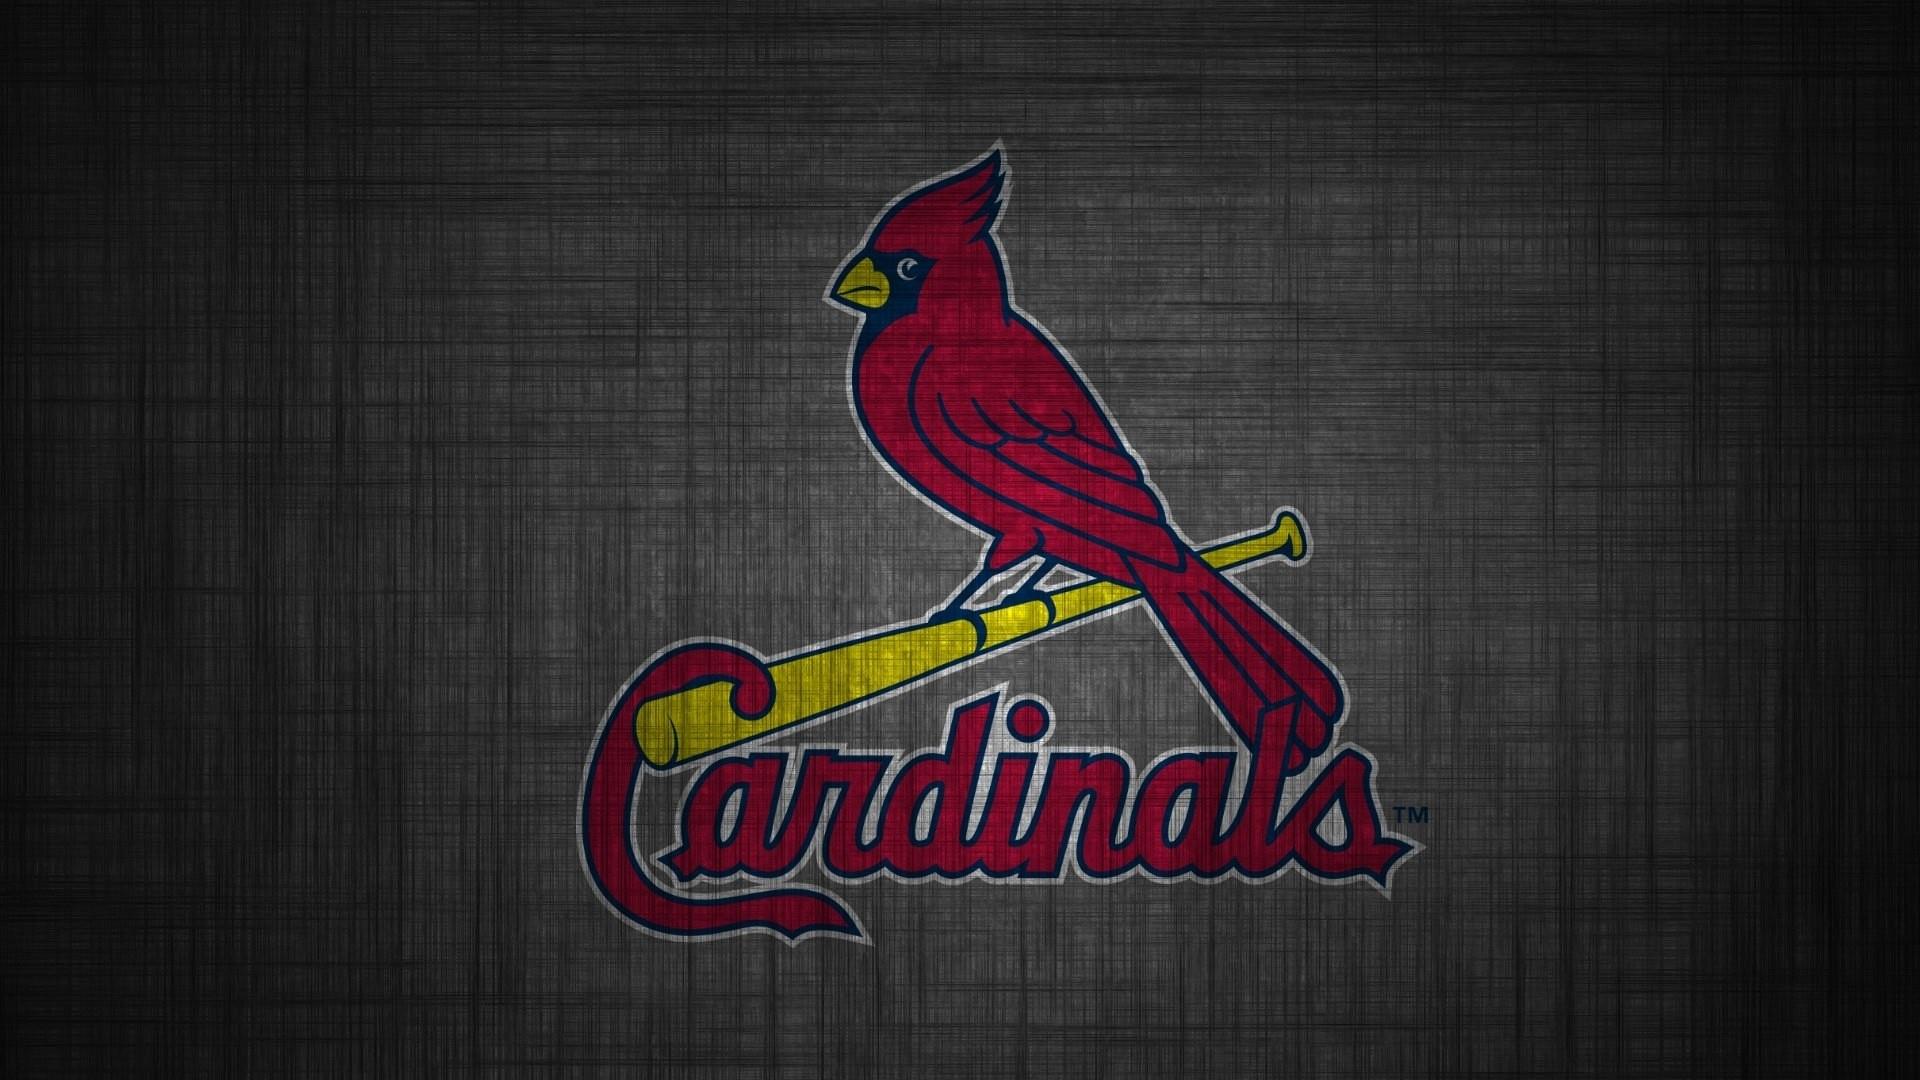 st louis cardinals background hq wallpaper 32791 - baltana